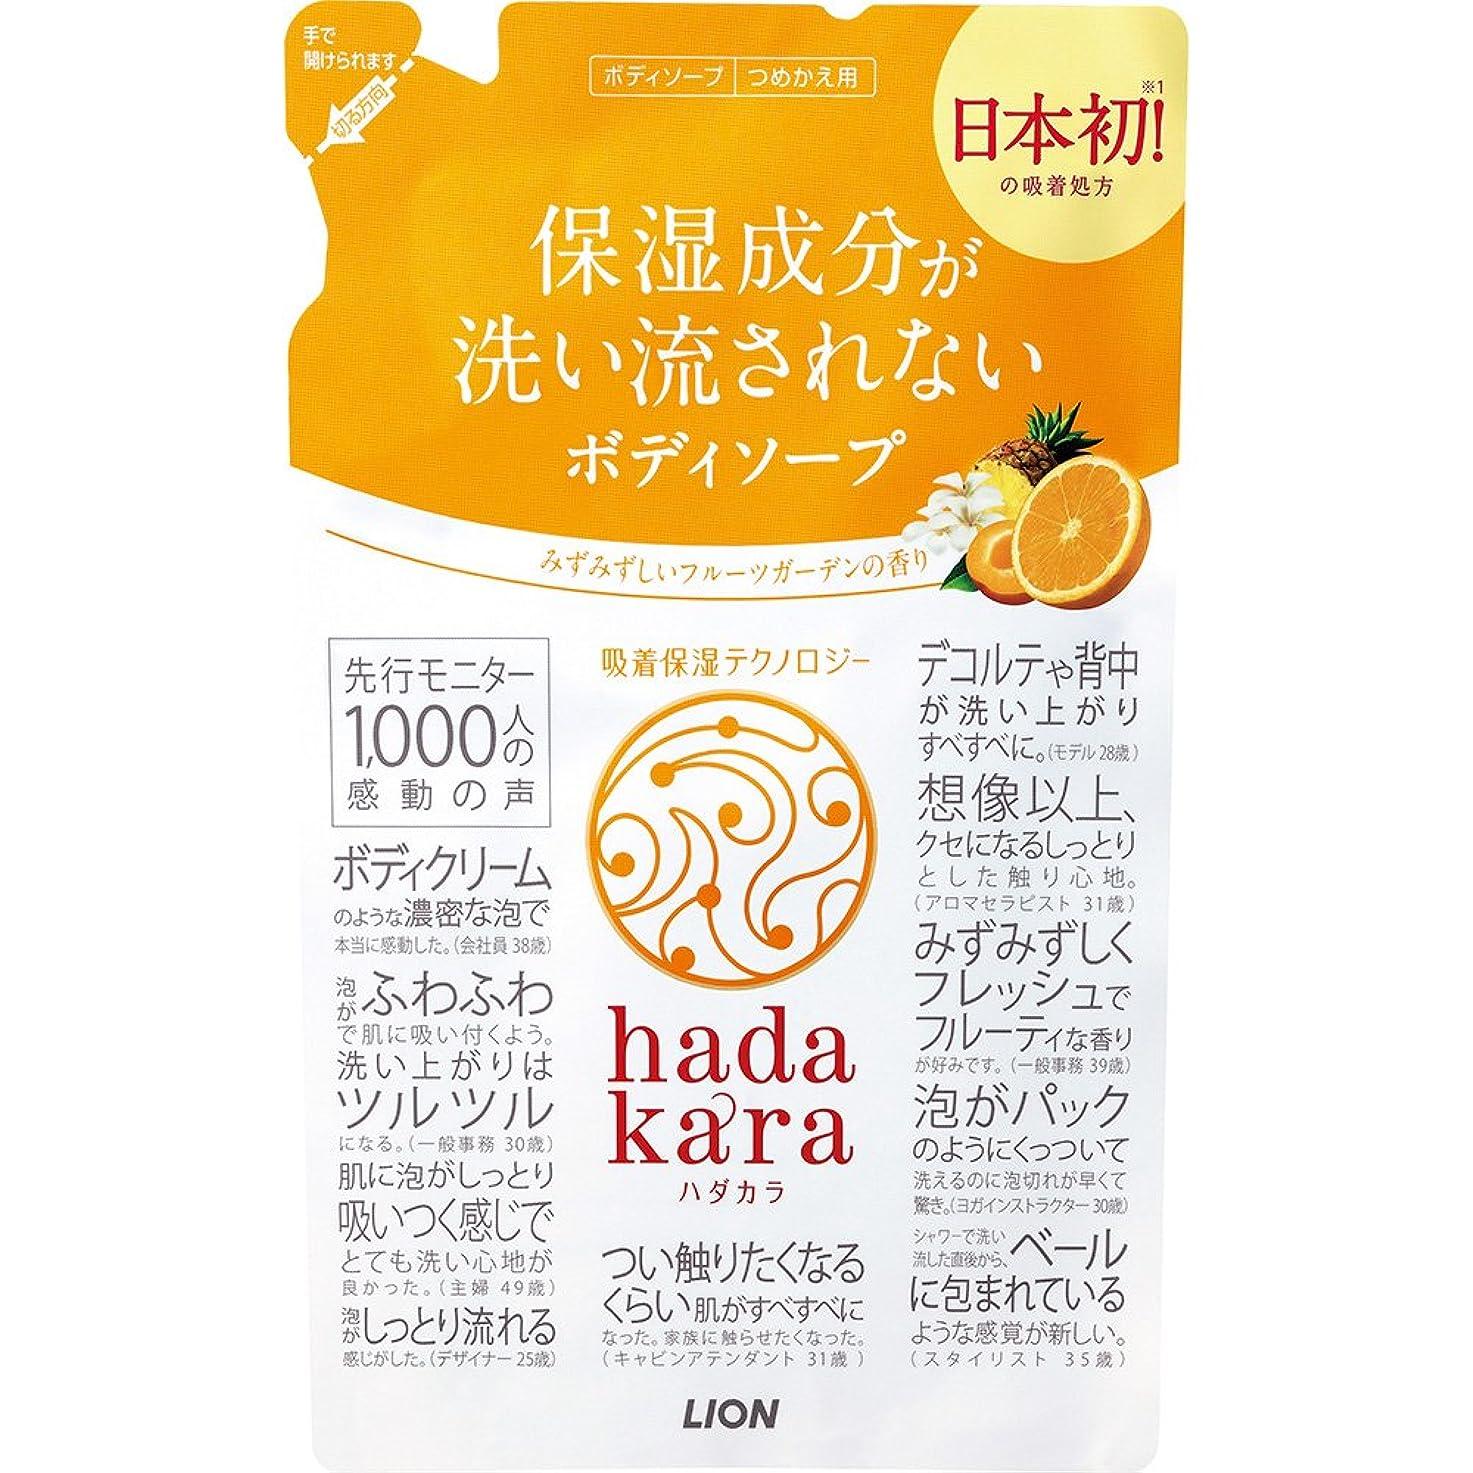 圧縮する運動する不名誉なhadakara(ハダカラ) ボディソープ フルーツガーデンの香り 詰め替え 360ml